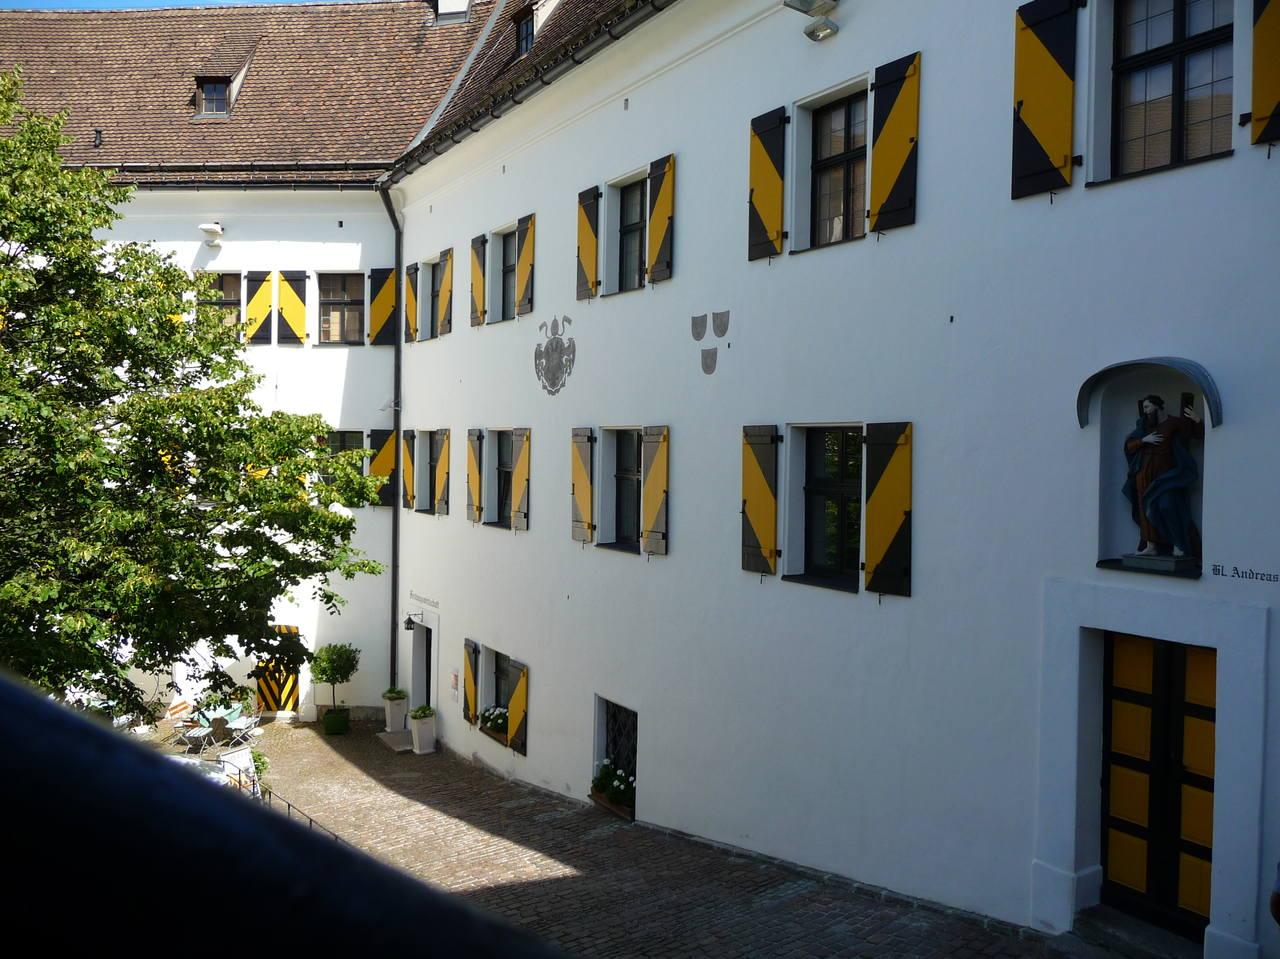 Feste Kufstein -26.8.08 (1)